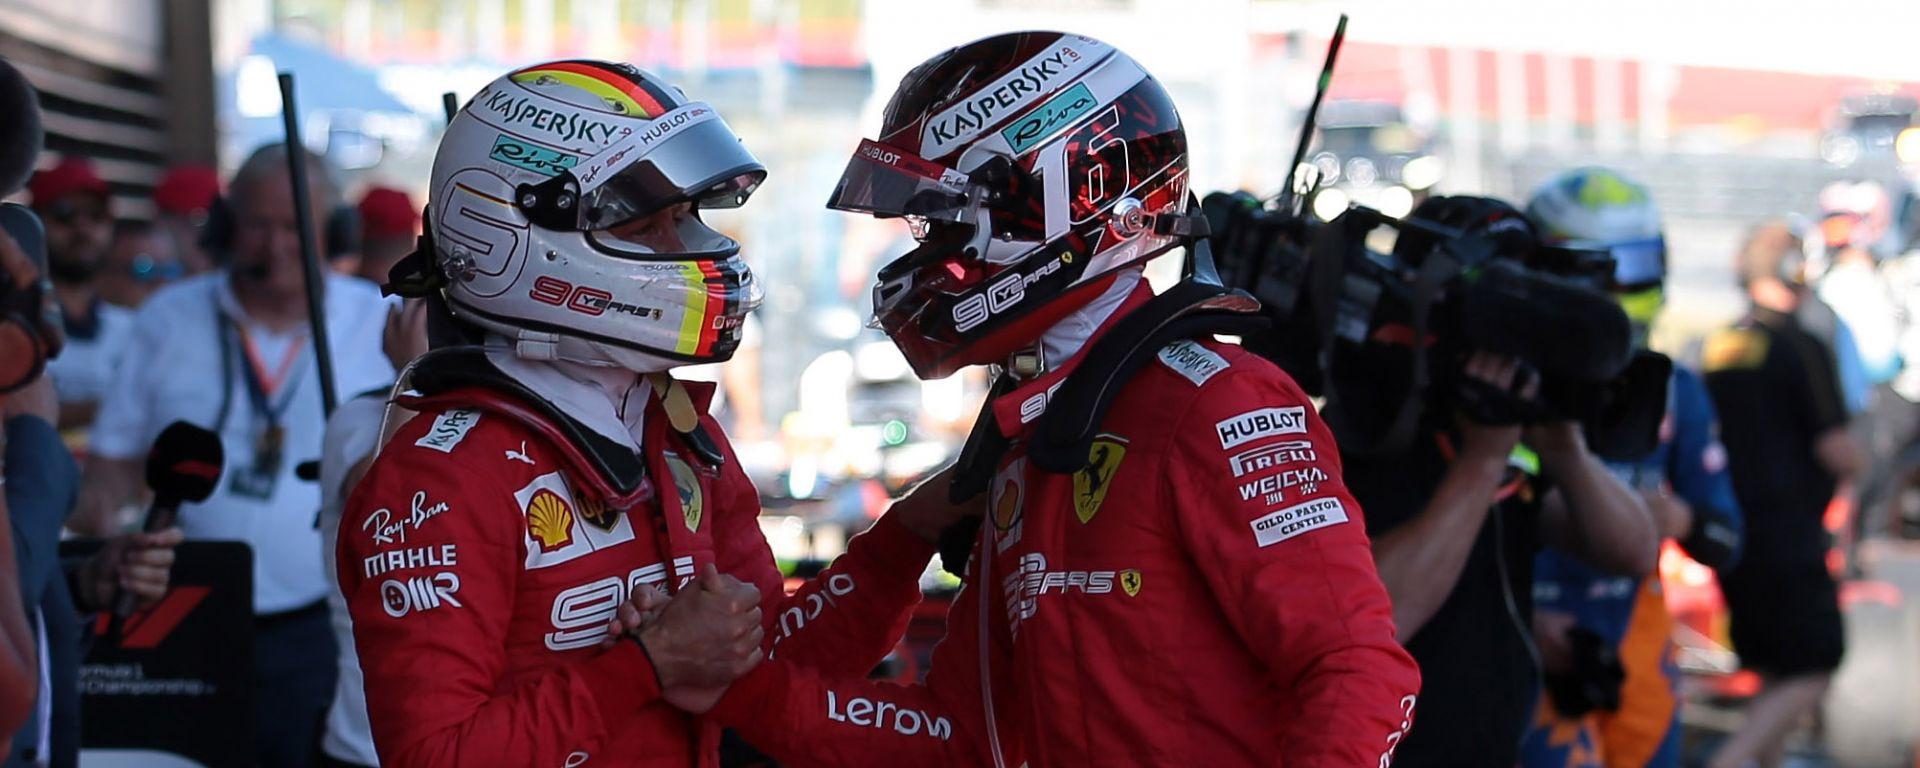 """GP Austria 2019, Vettel quarto: """"Avevamo una gran macchina oggi"""""""